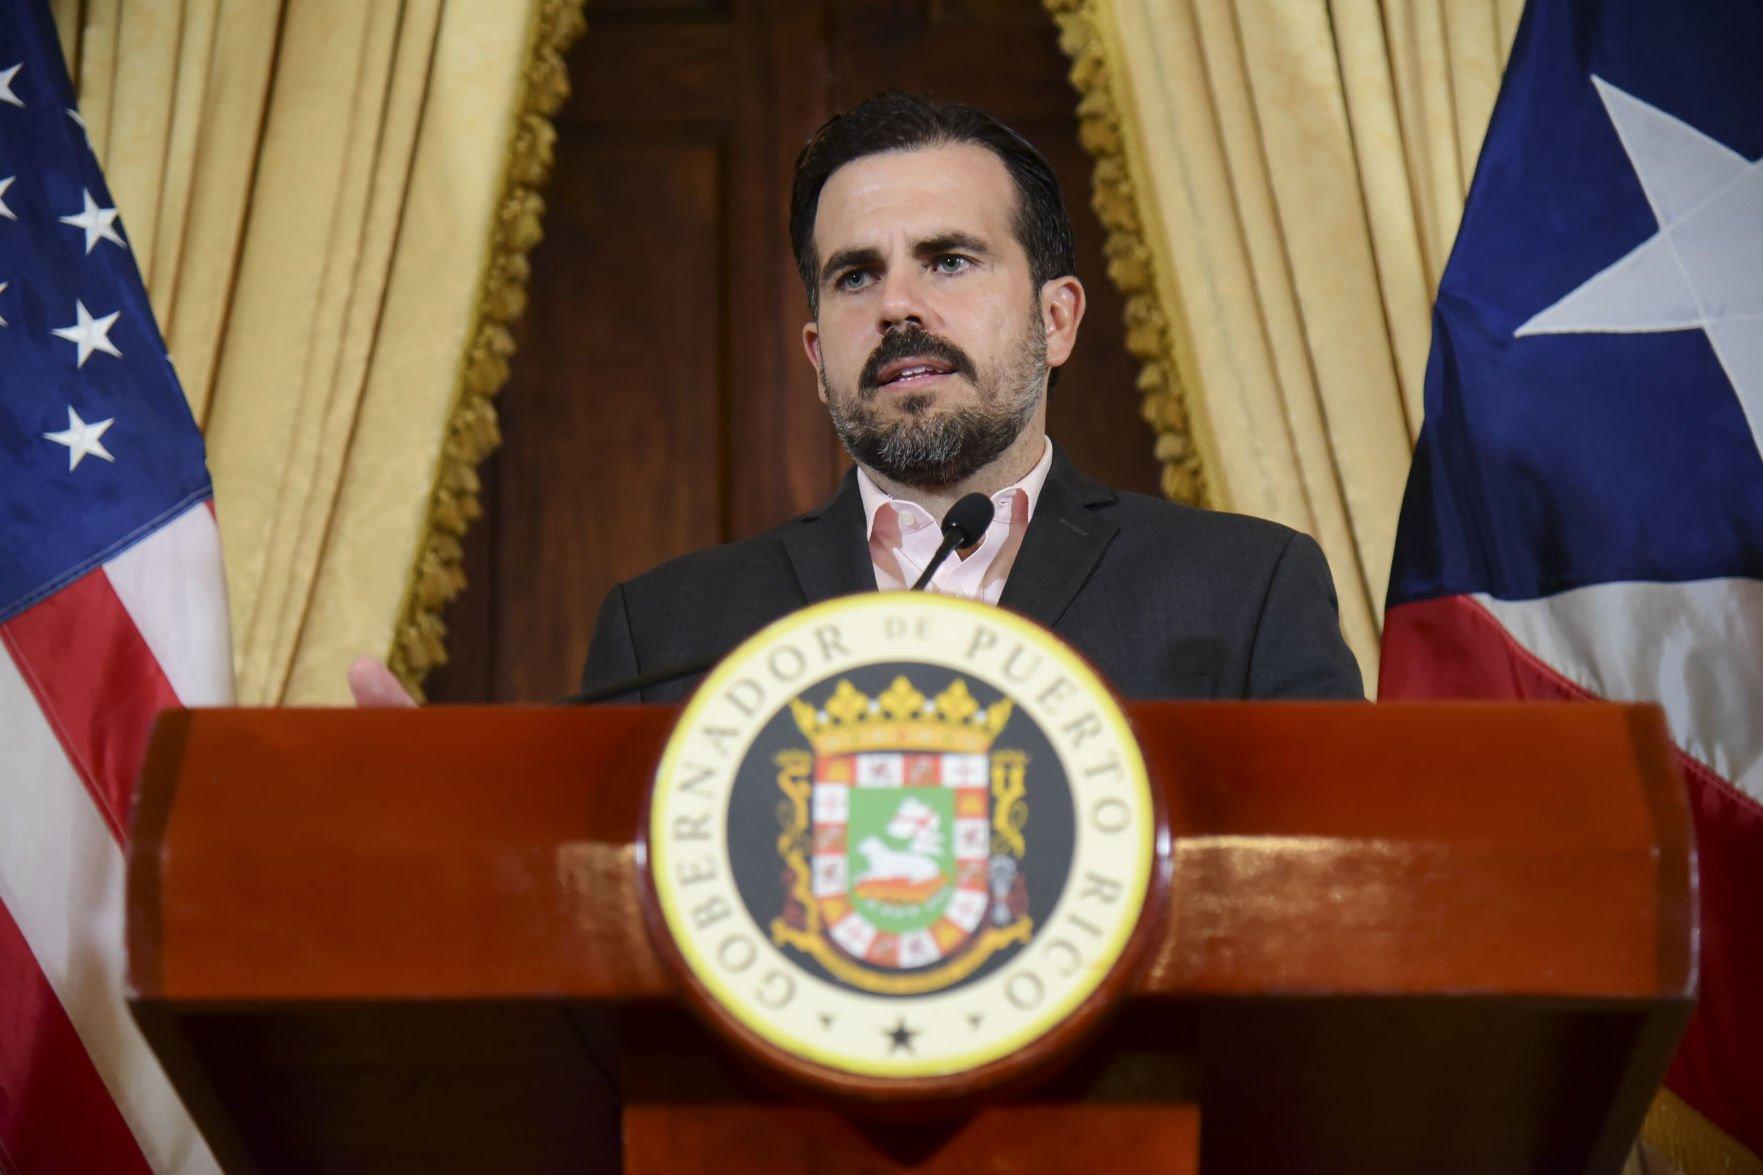 Gobernador felicita a los padres puertorriqueños en su día